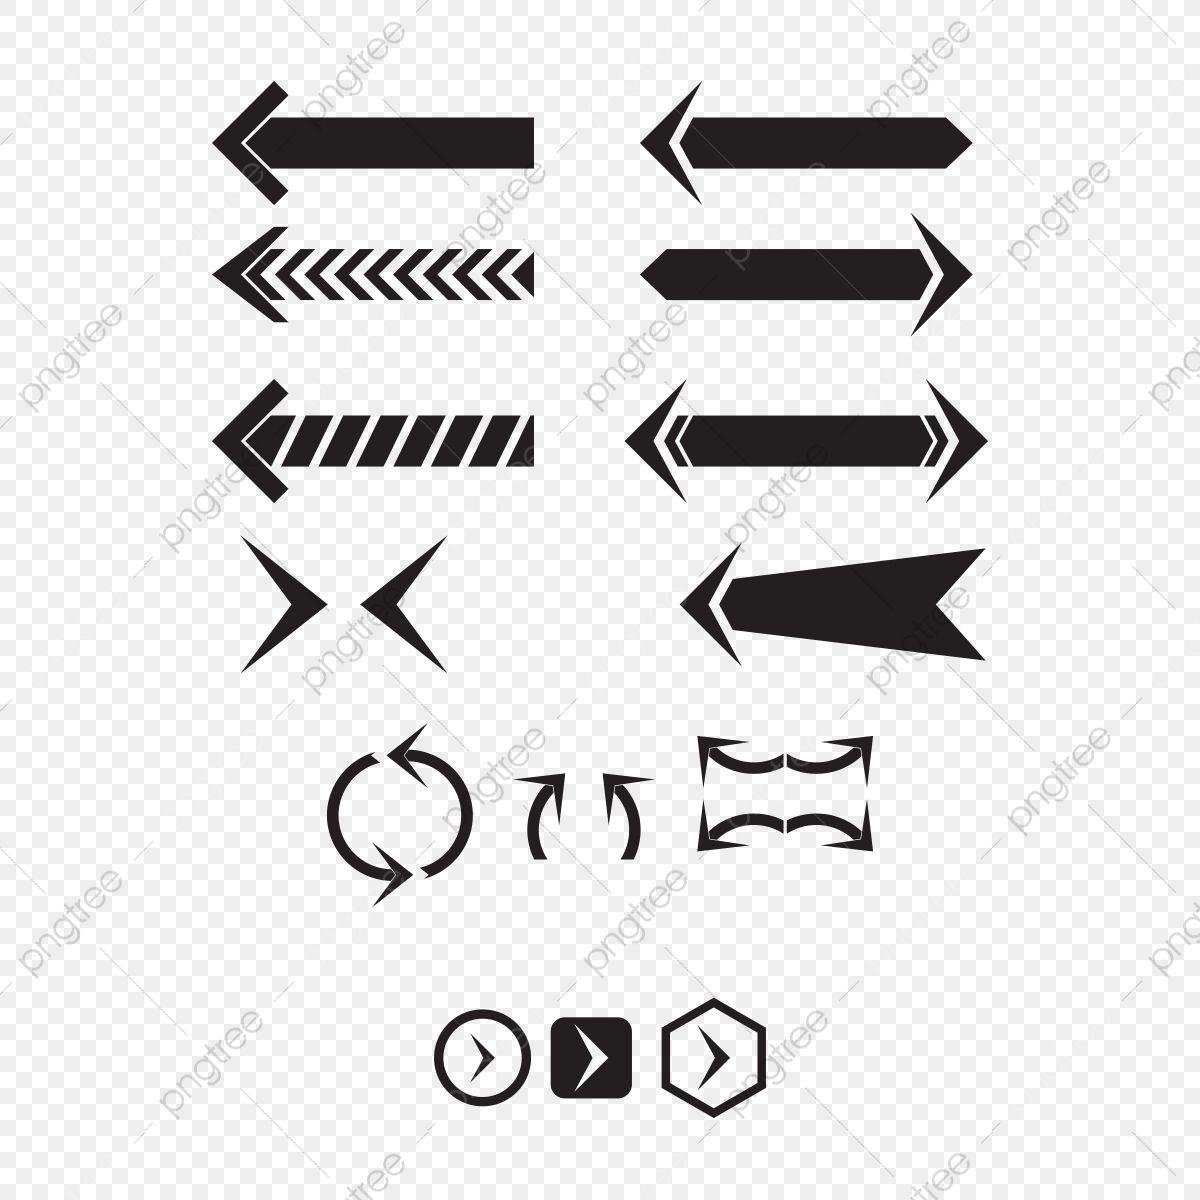 Gambar Anak Panah Simbol Latar Belakang Bahan Bentuk Anak Panah Hitam Arah Png Dan Vektor Untuk Muat Turun Percuma Panah Simbol Grafik